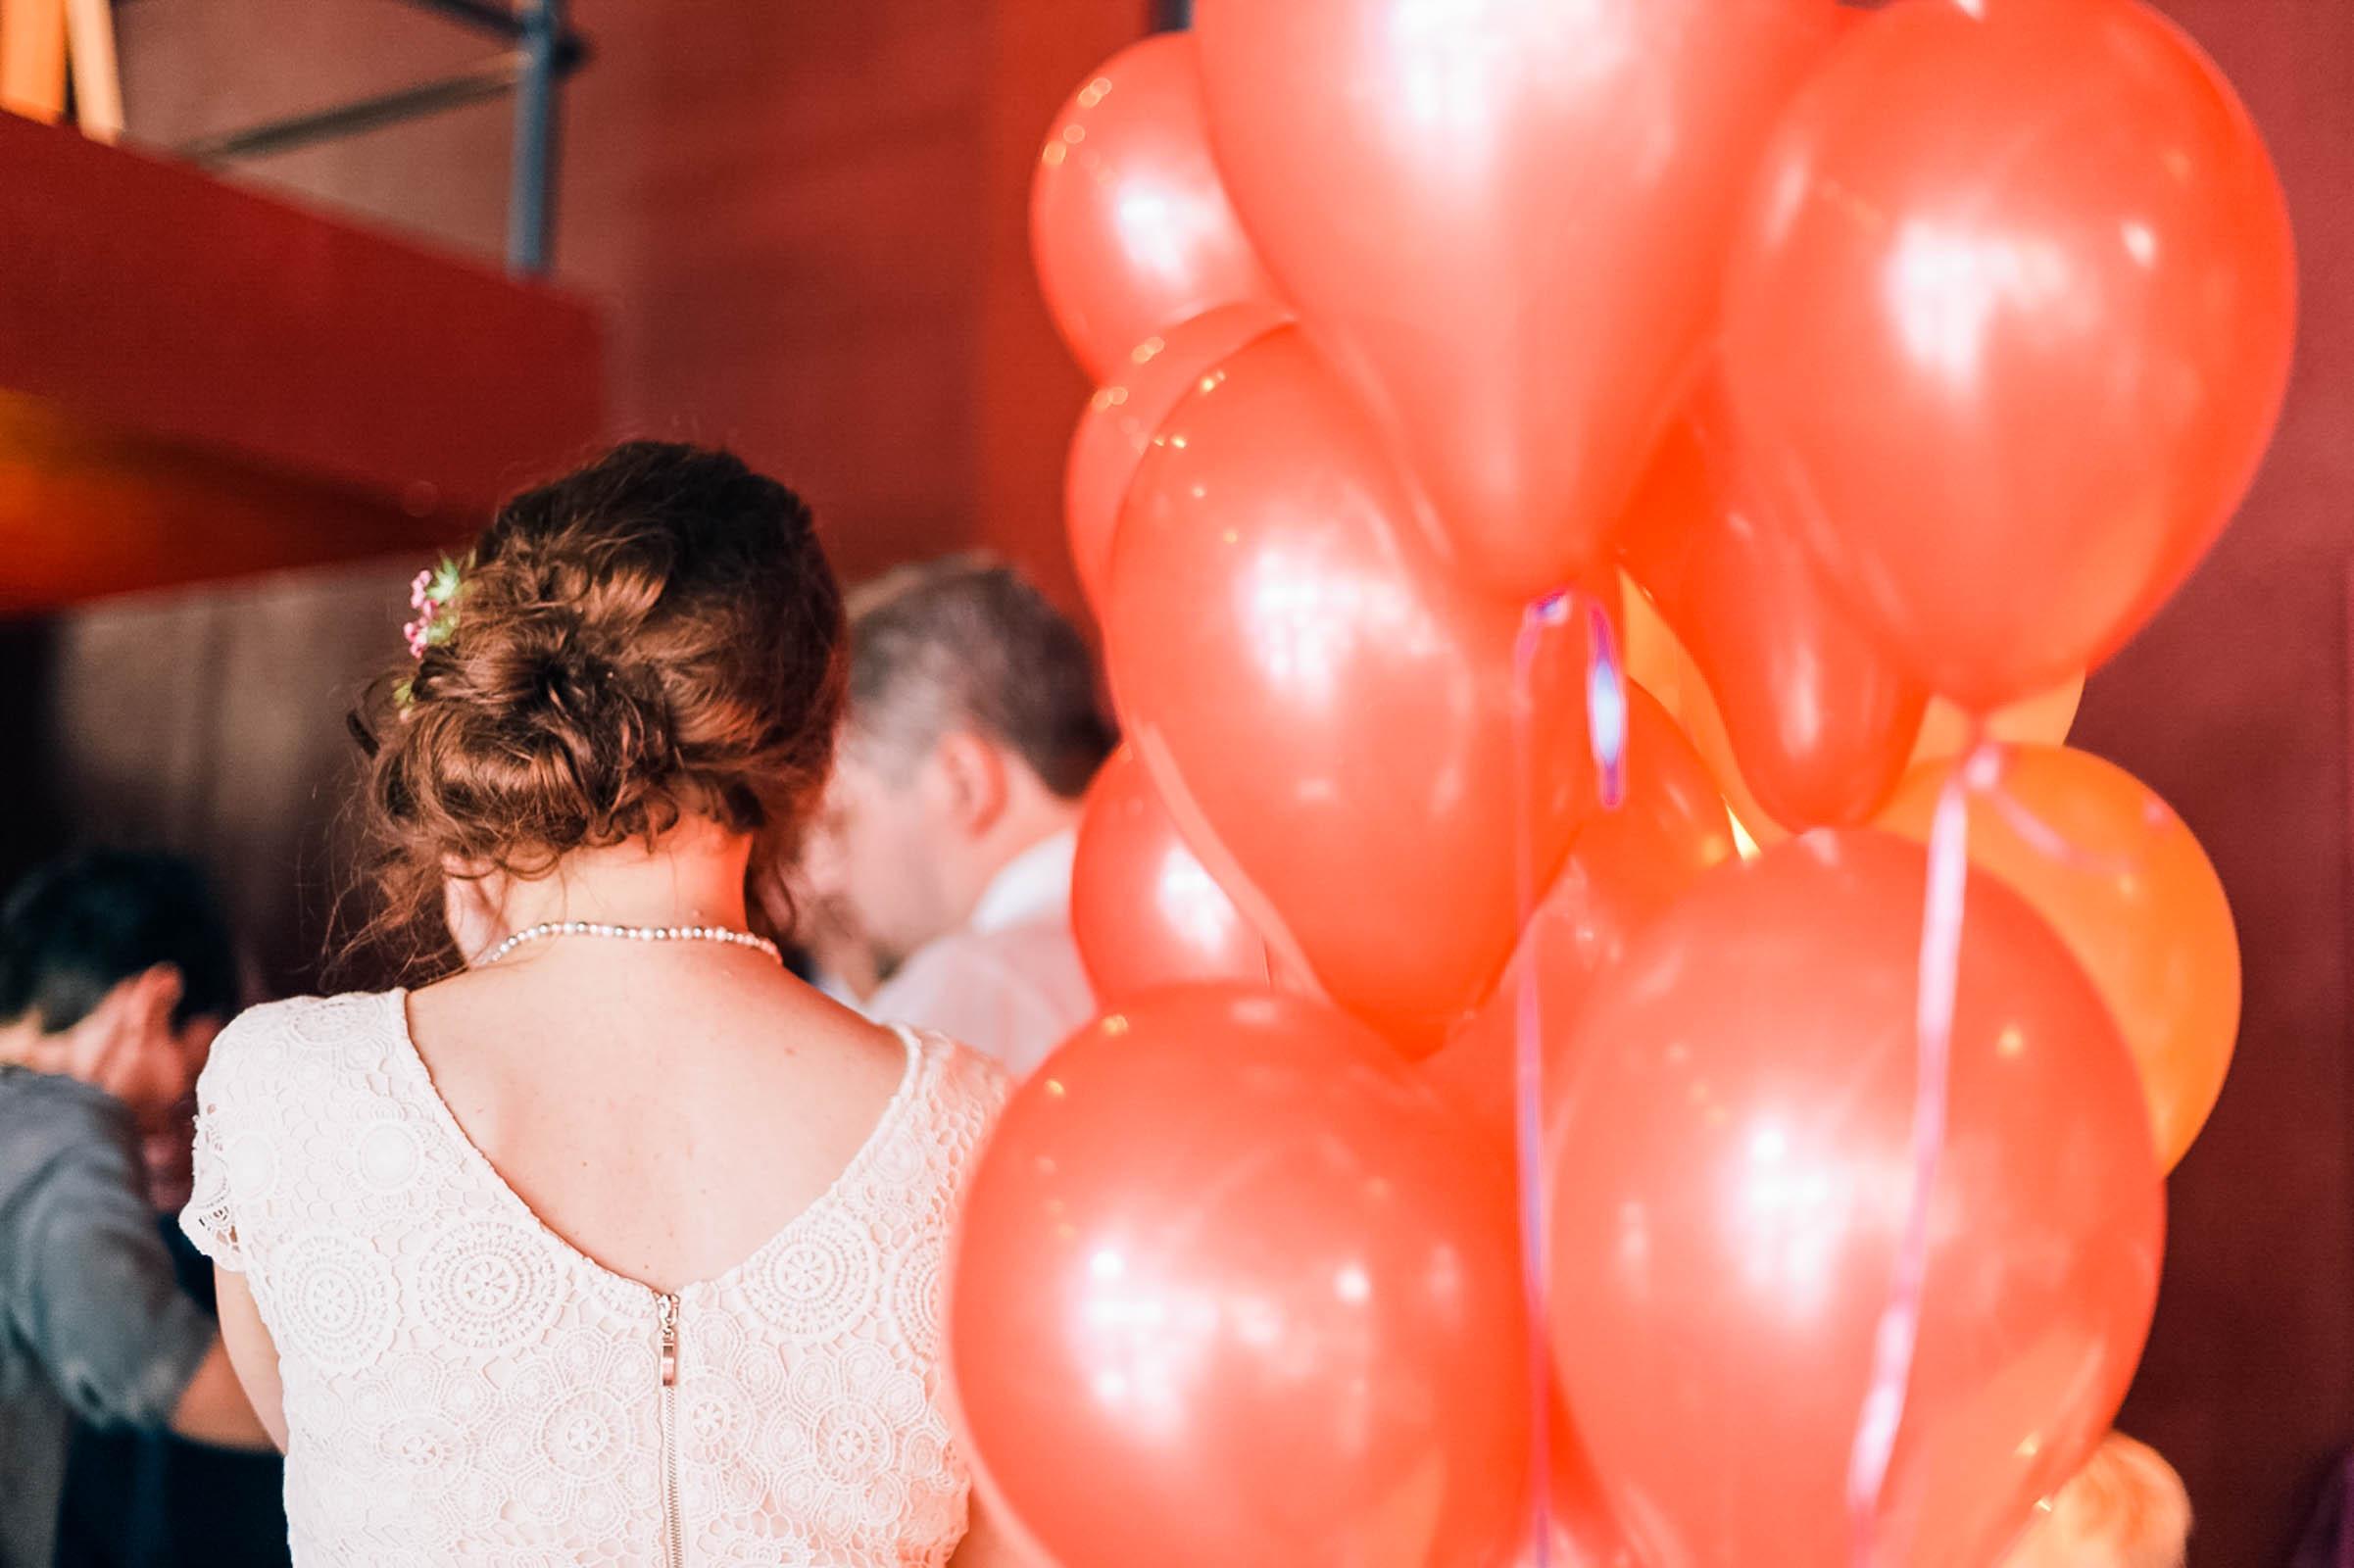 Monstergraphie_Hochzeitsreportage_Siegen-48.jpg?fit=2402%2C1600